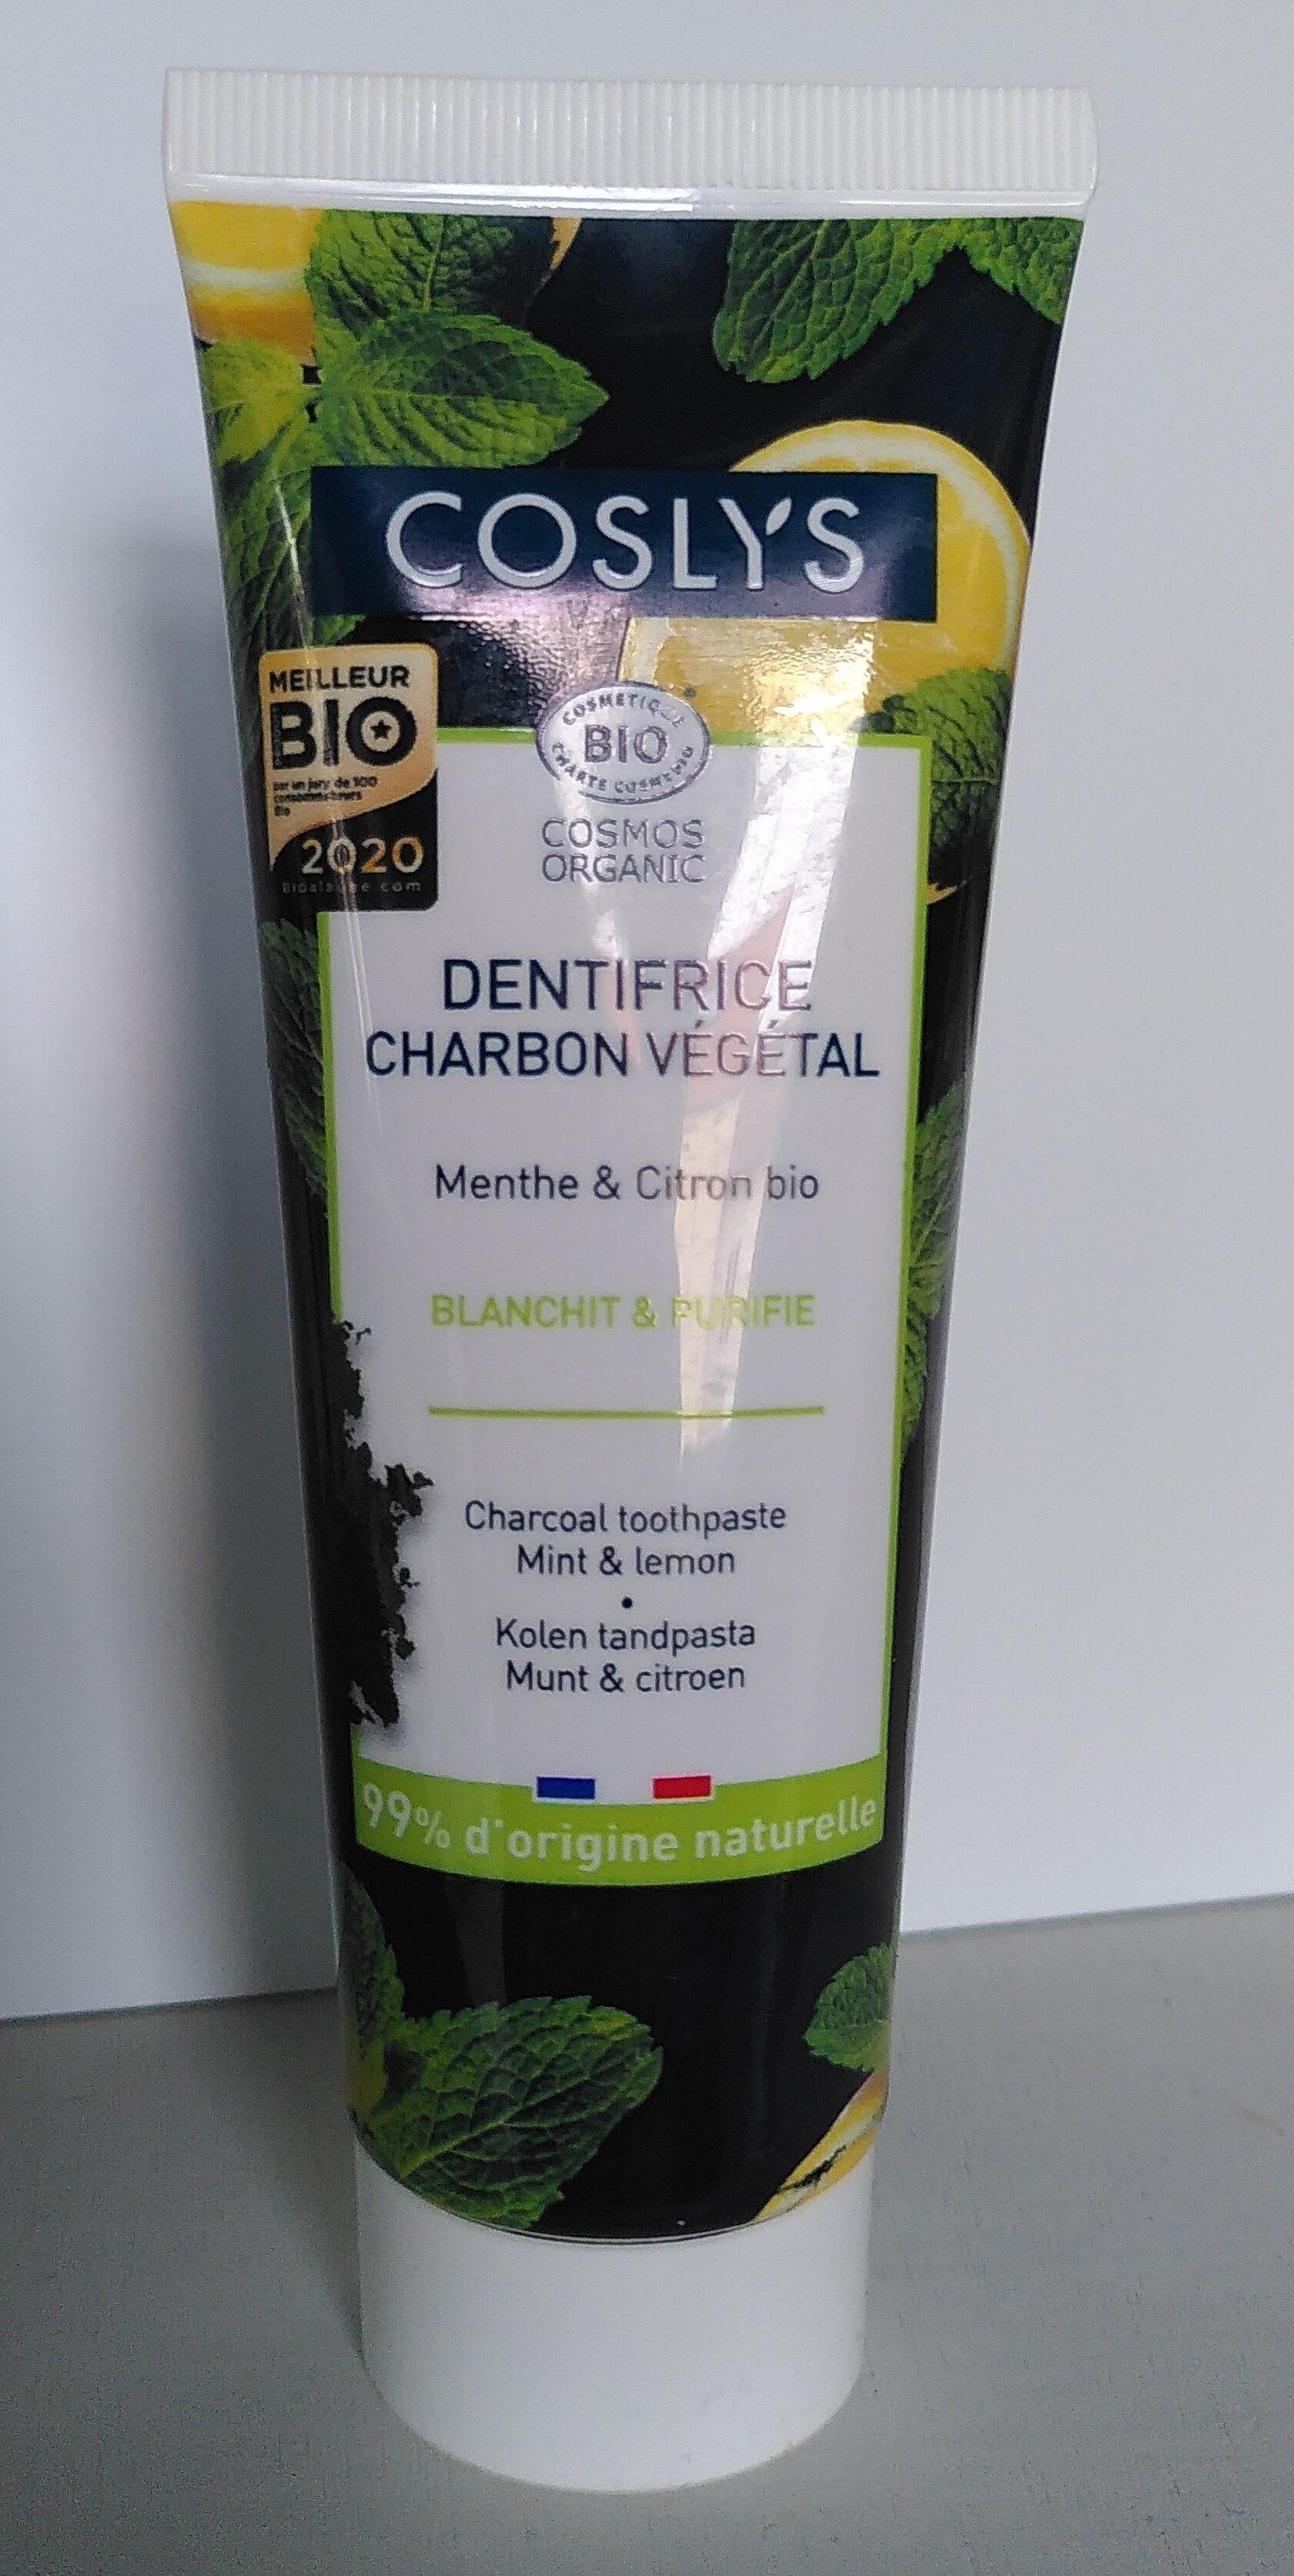 Dentifrice charbon végétal - Produit - fr